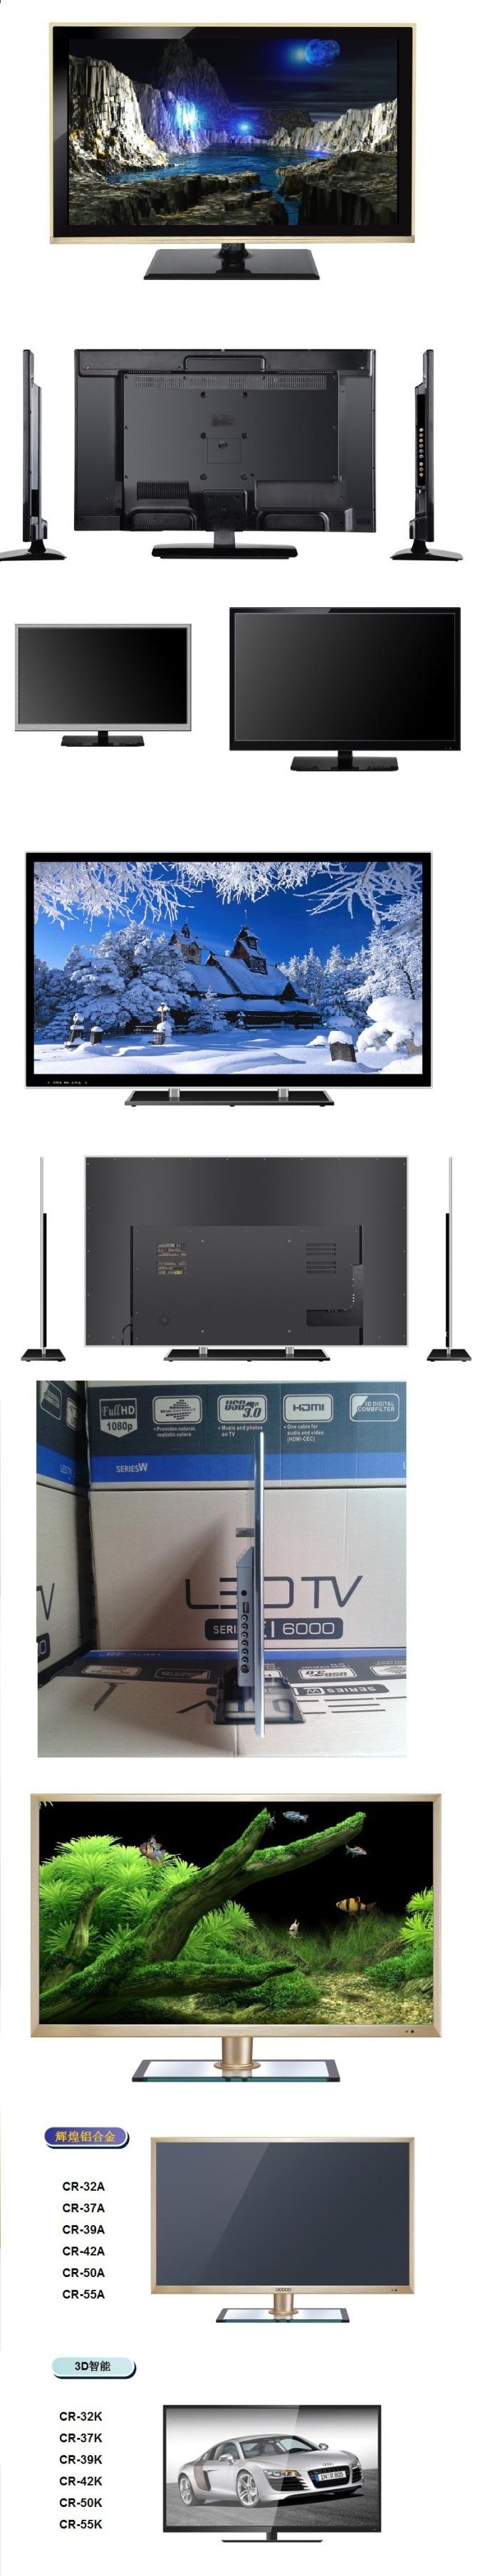 深圳液晶电视_32寸电视机 液晶电视 LED电视机 小尺寸电视【价格,厂家,求购 ...